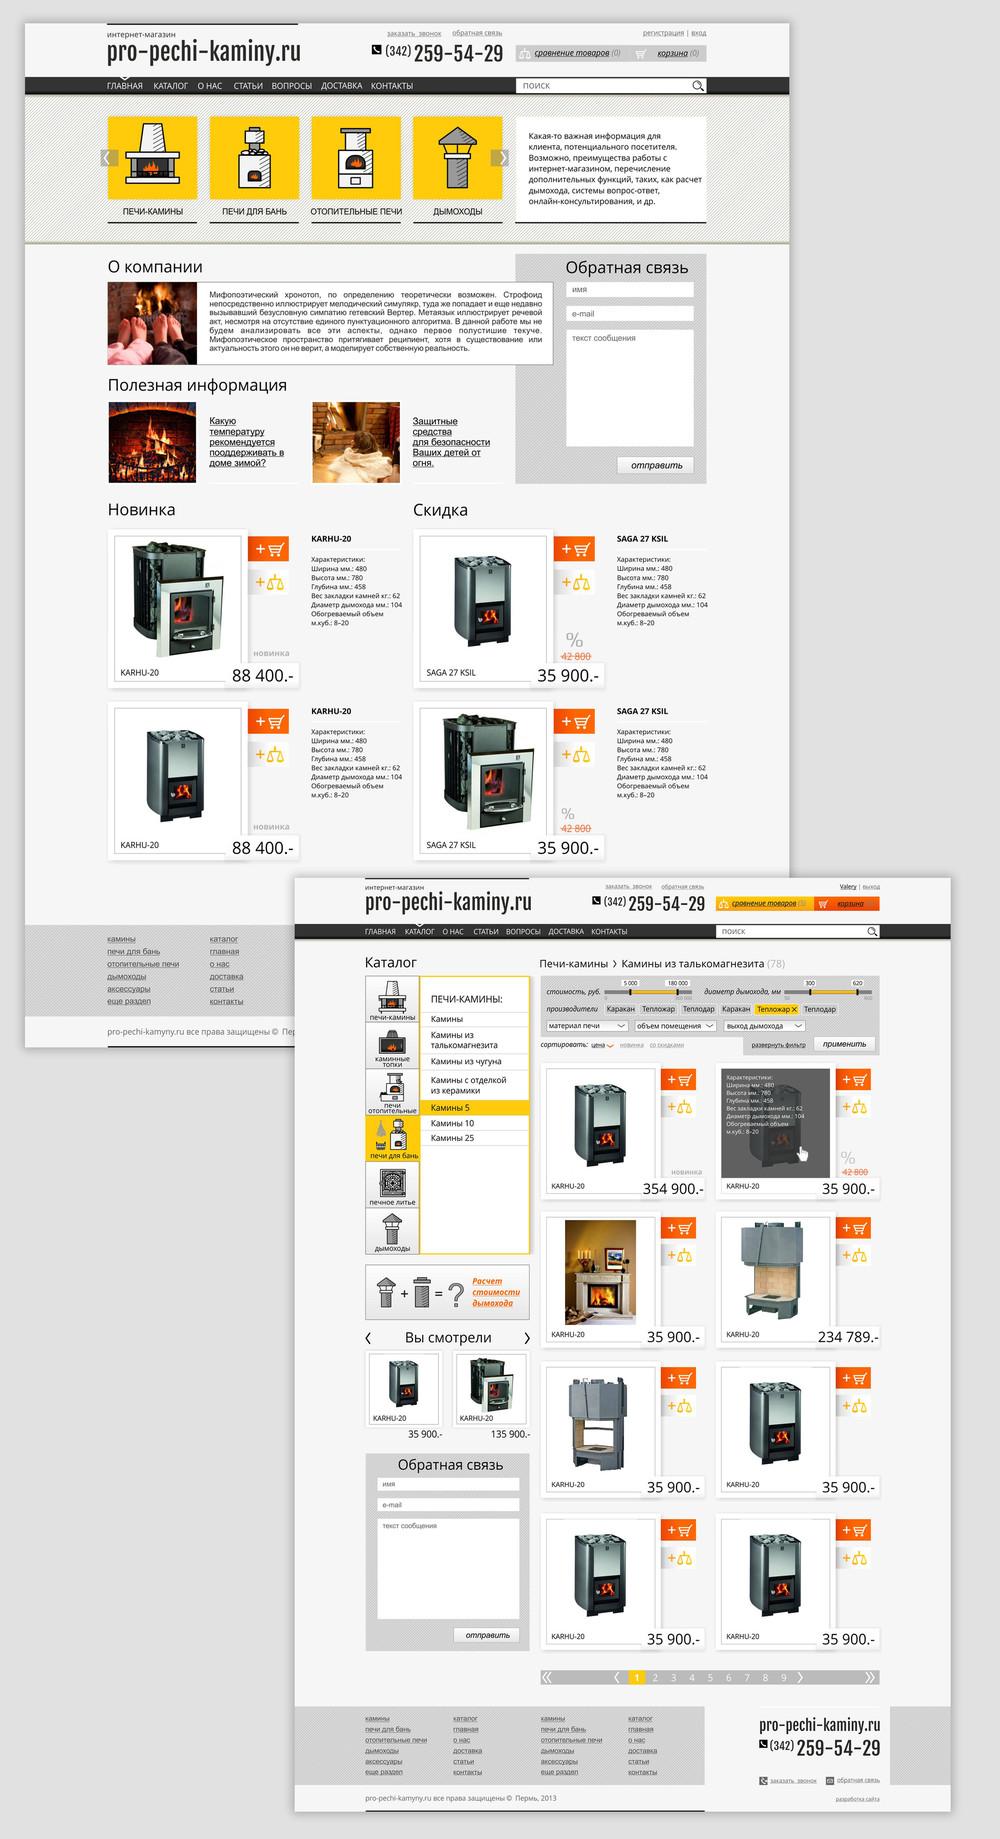 a5a384bfa37 Разработка интернет-магазина для компании по продаже печей и каминов ...